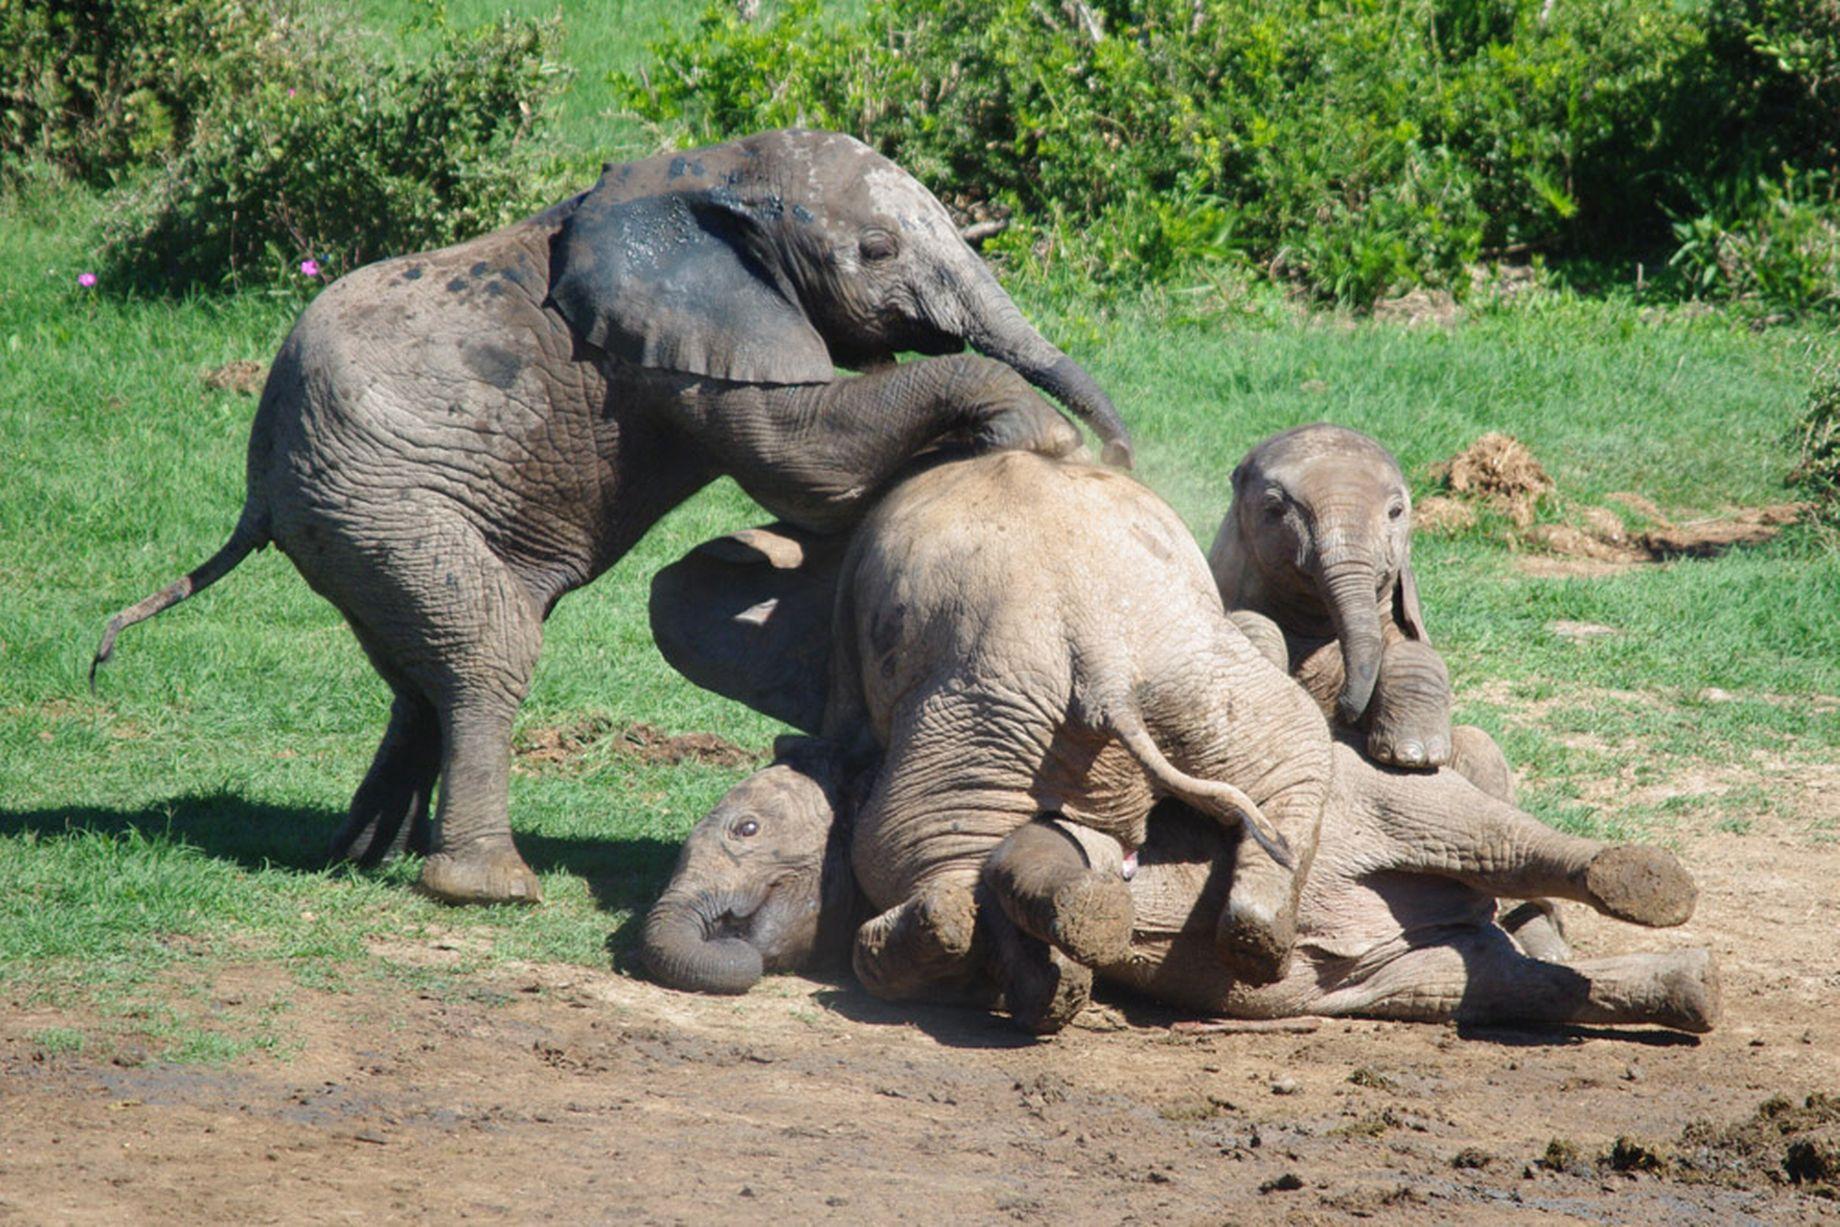 Elephant-Pile-Up